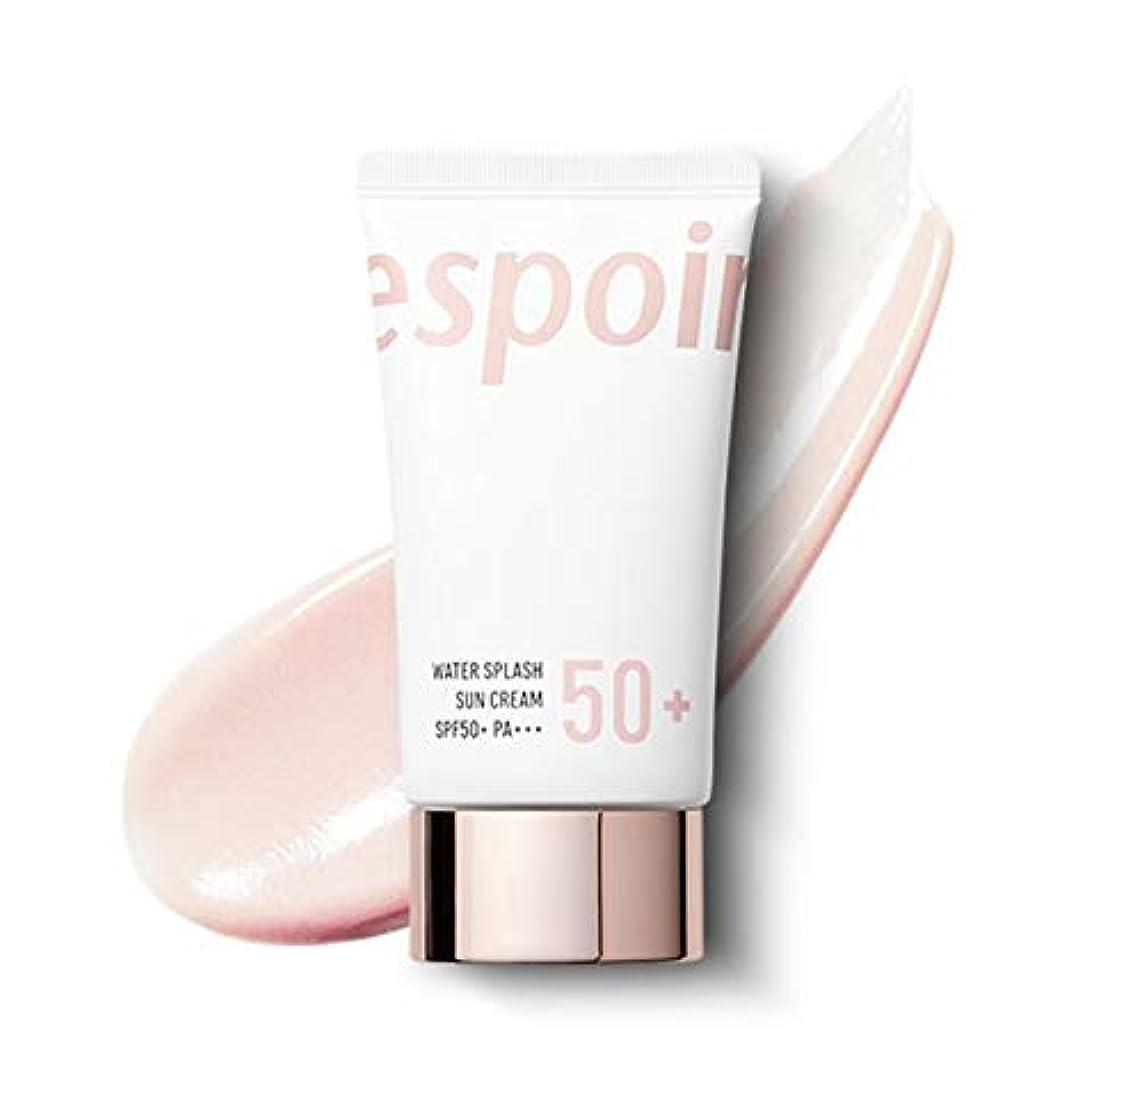 実現可能性言語現象eSpoir Water Splash Sun Cream SPF50+PA+++ (R) / エスポワール ウォータースプラッシュ サンクリーム 60ml [並行輸入品]